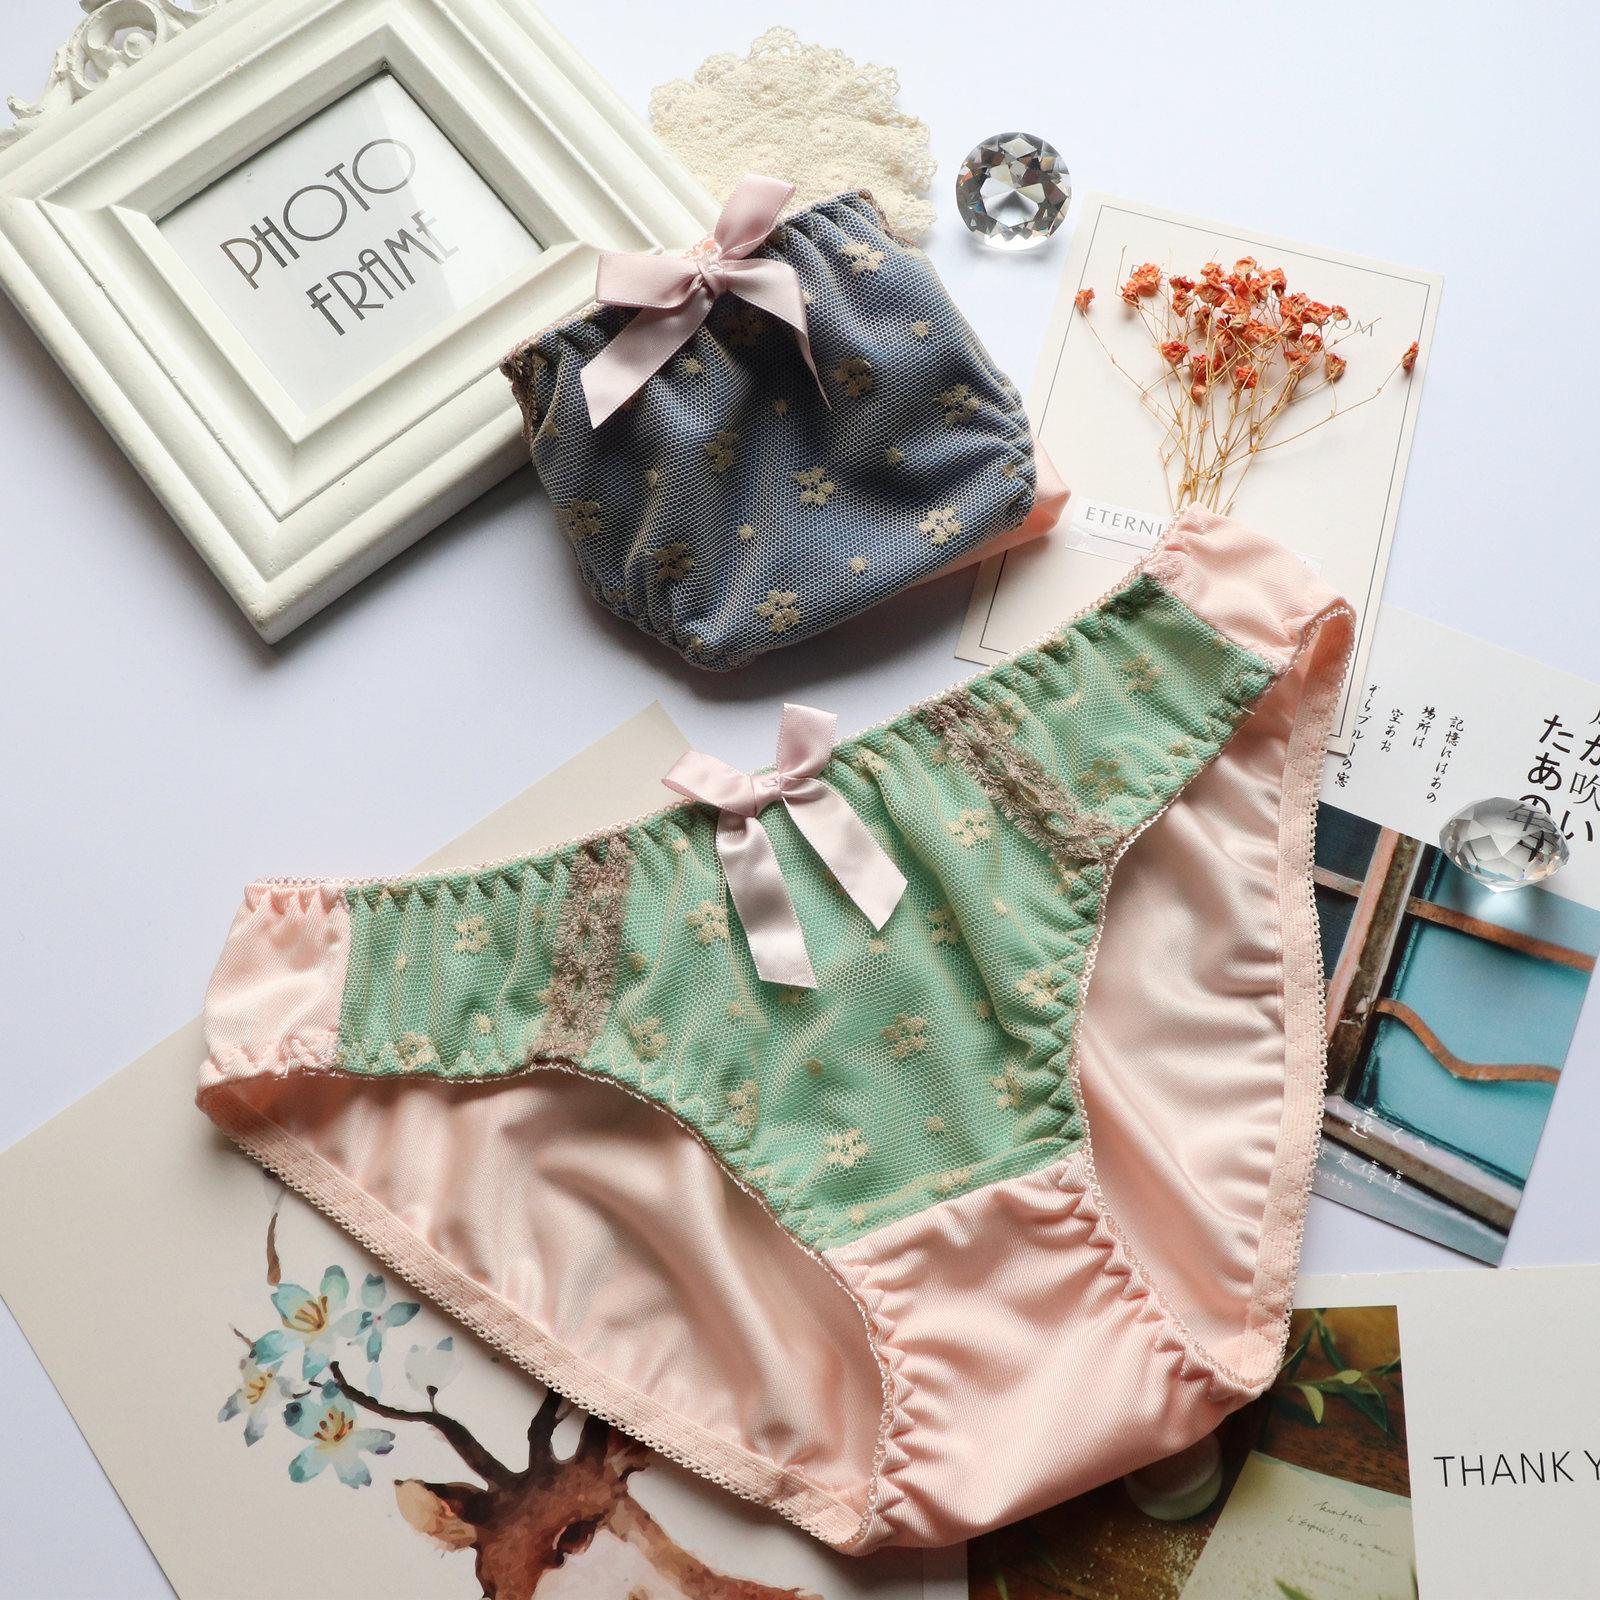 Nhật Bản bowknot ngọt ngào và dễ thương cô gái ren nylon hip đồ lót nữ sinh viên quần lót đáy quần cotton đáy quần sịp - Tam giác